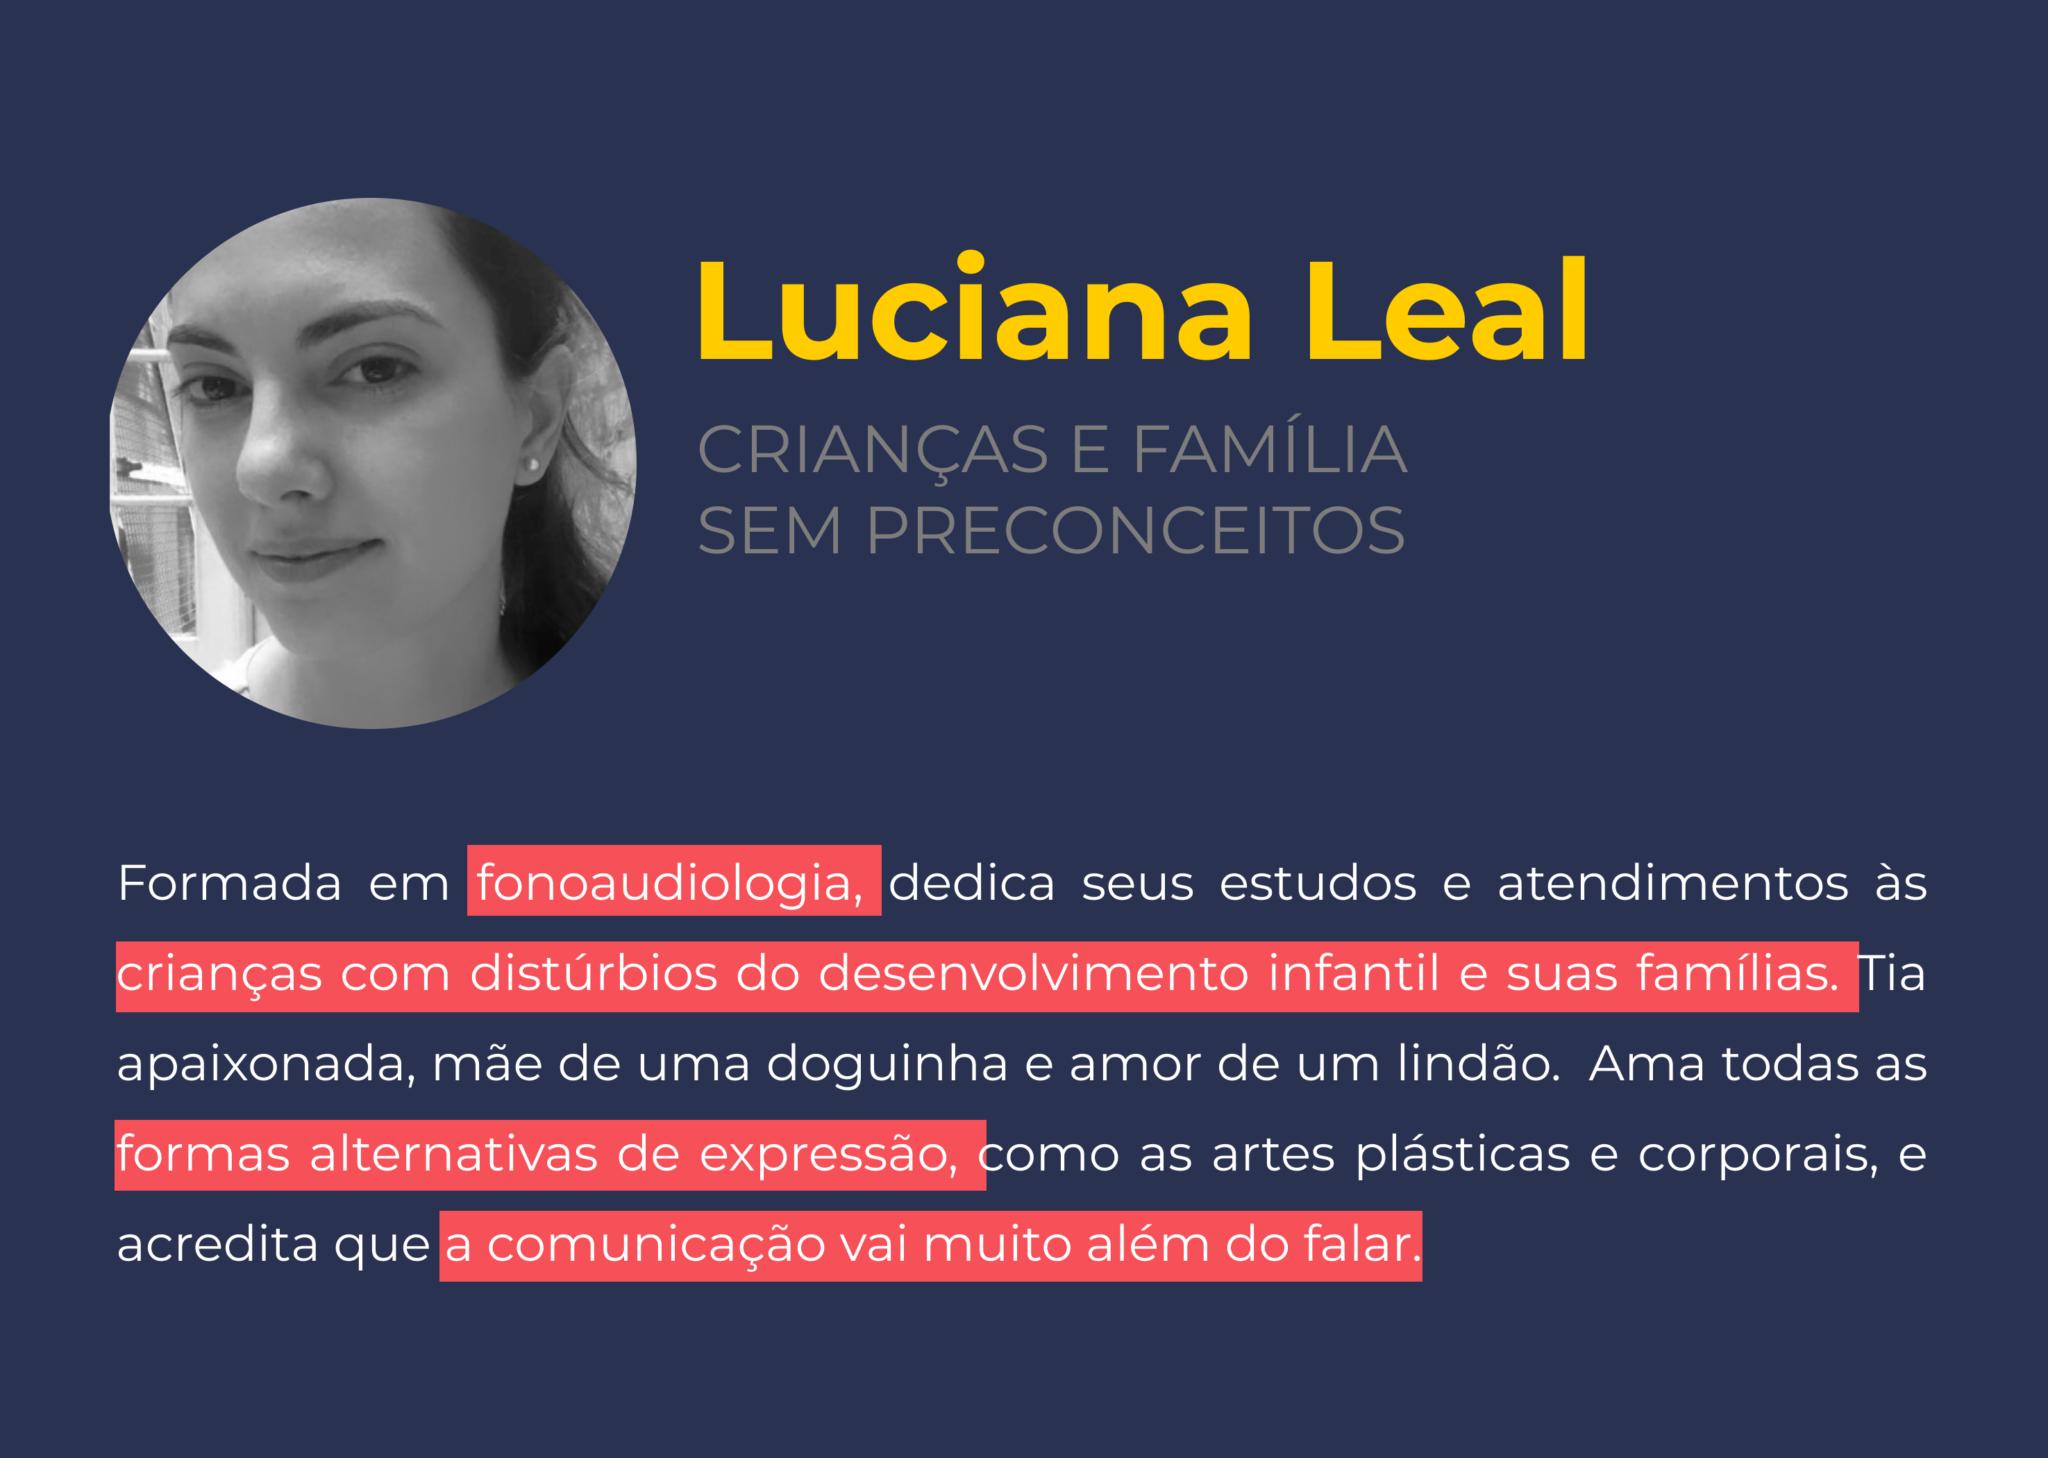 Luciana Leal